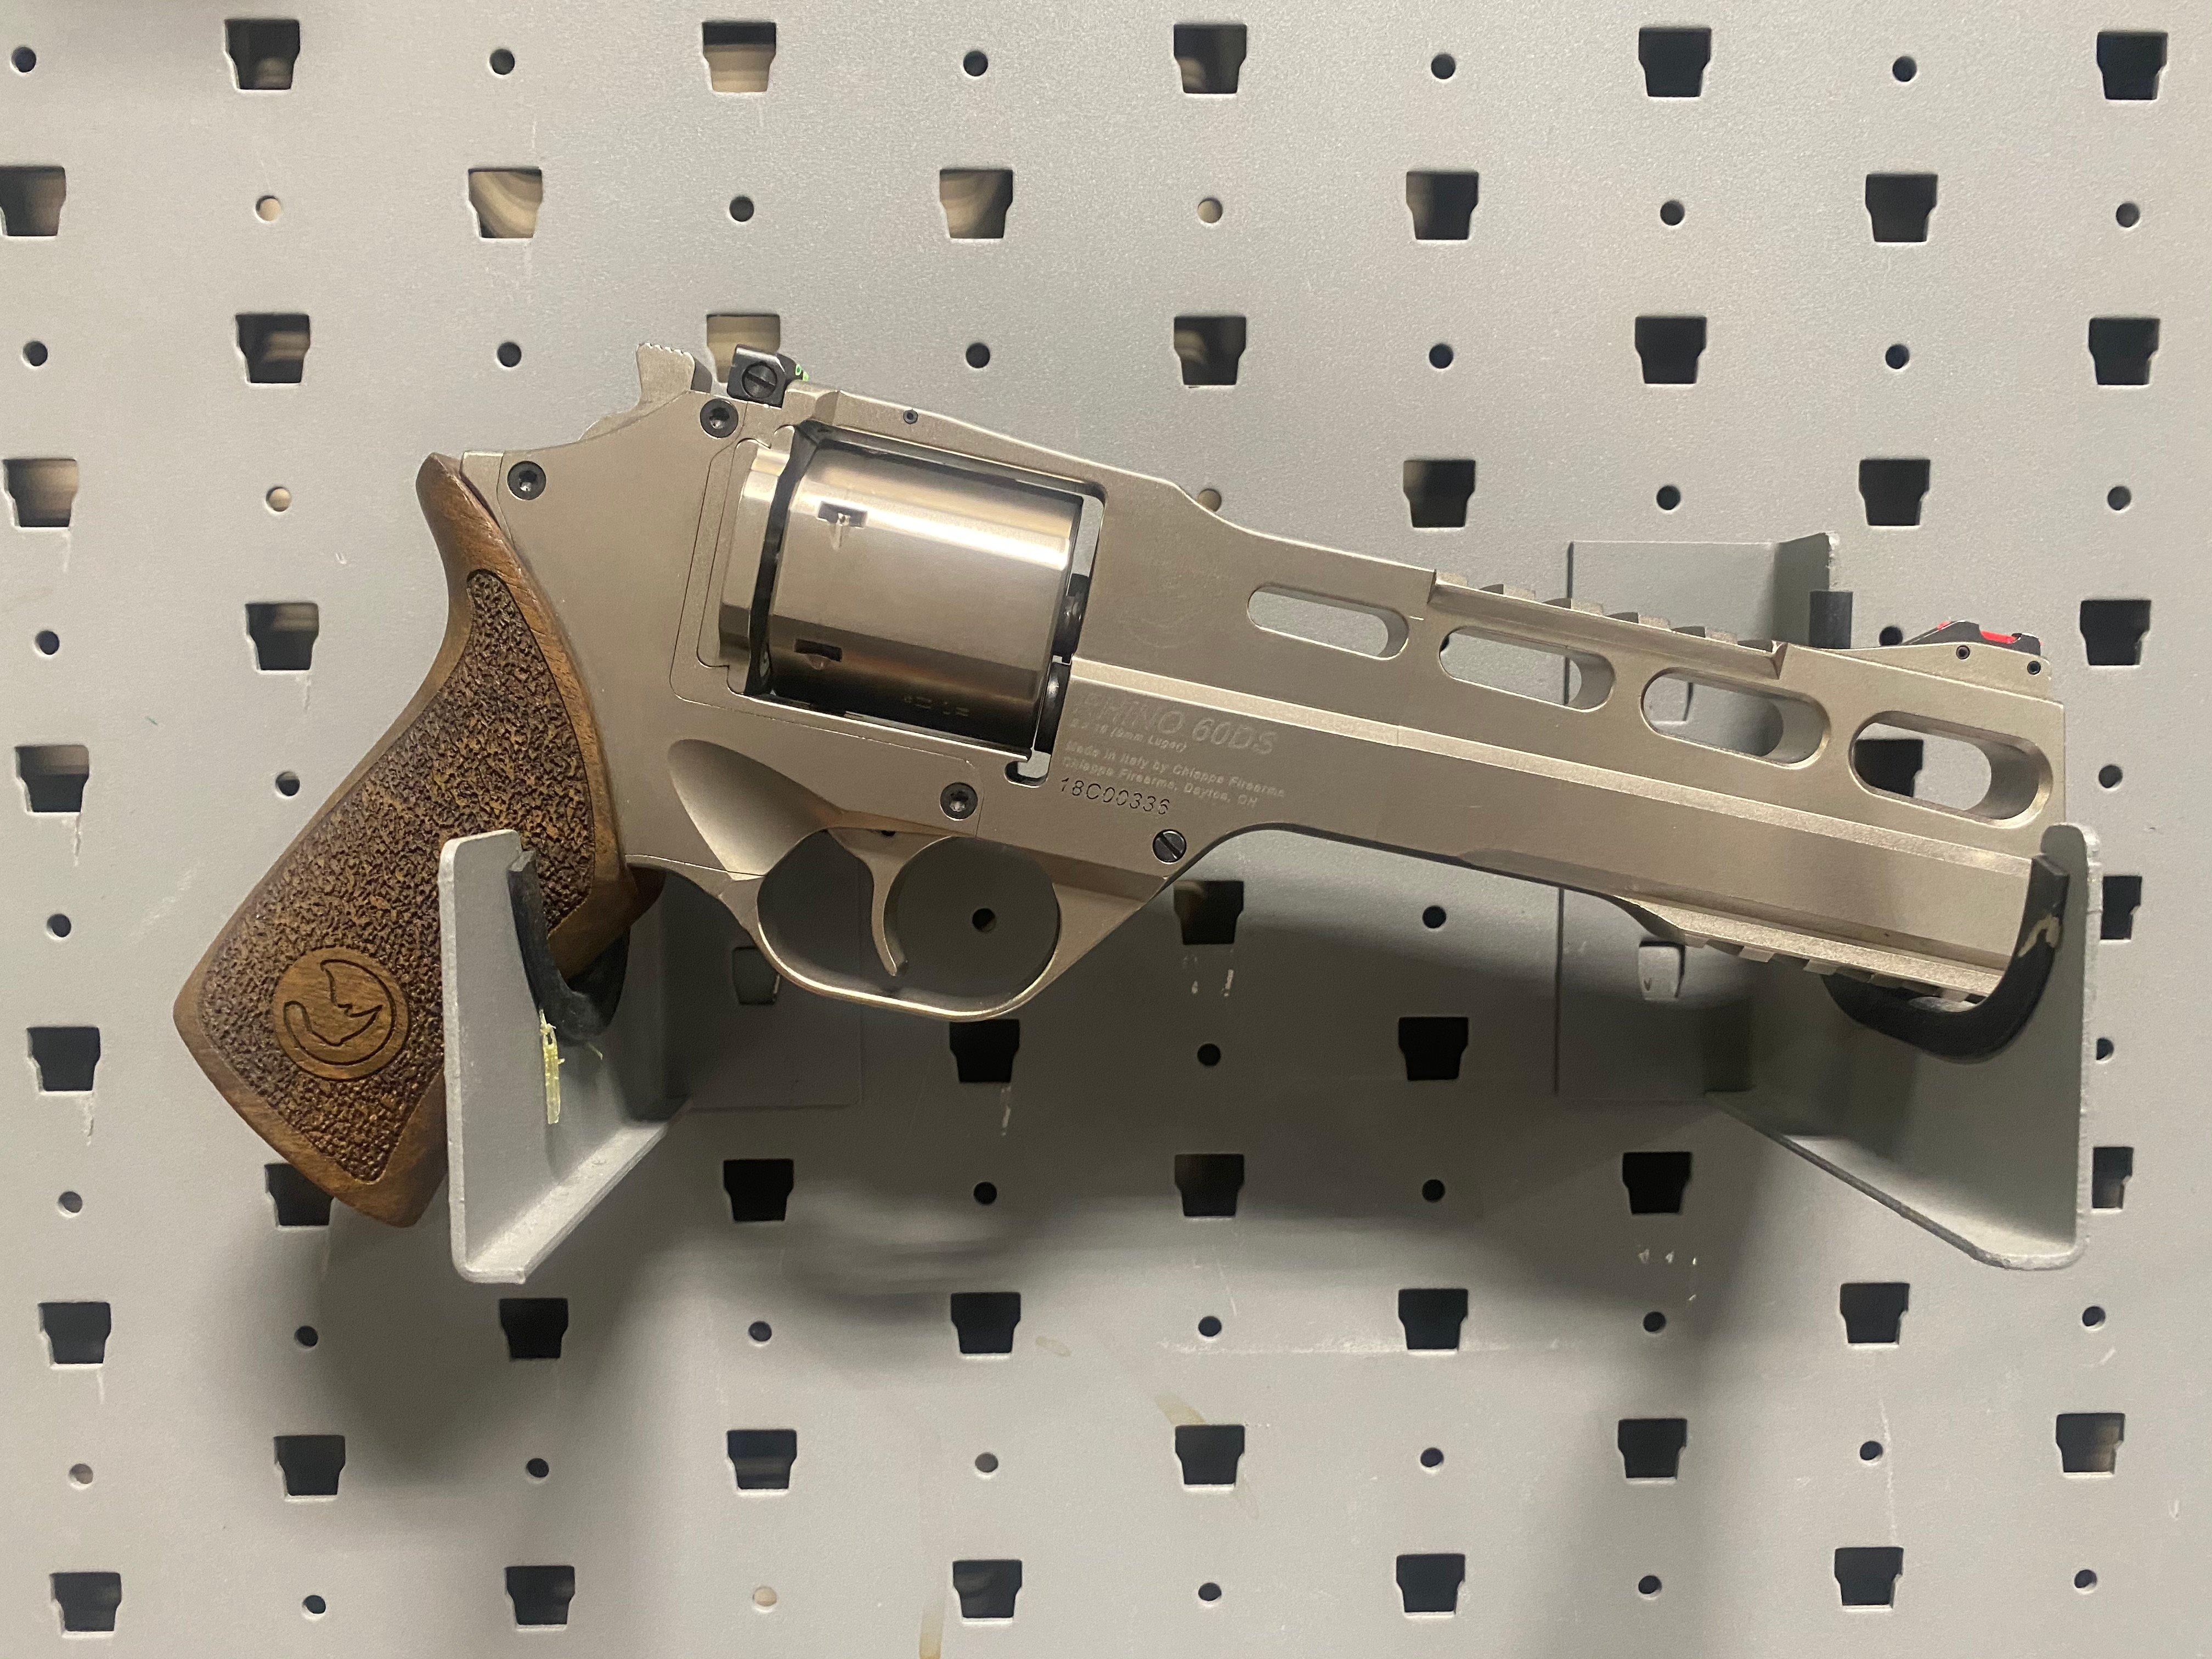 Rhino Revolver - 9mm $7